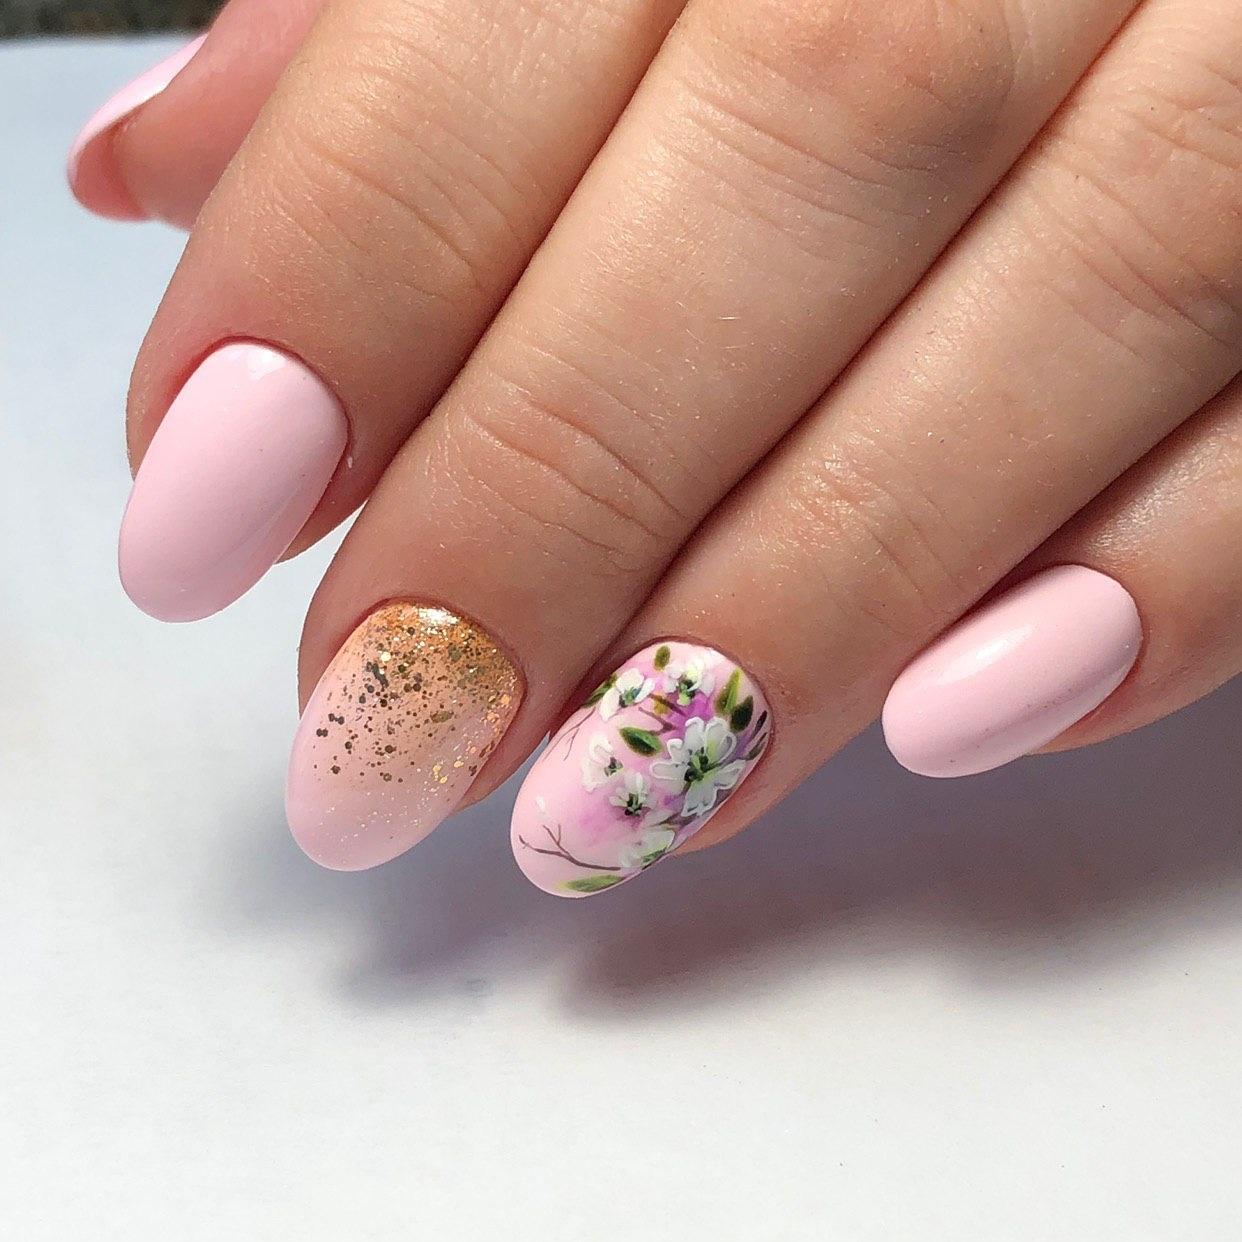 Маникюр с цветочным рисунком и золотыми блестками в розовом цвете.